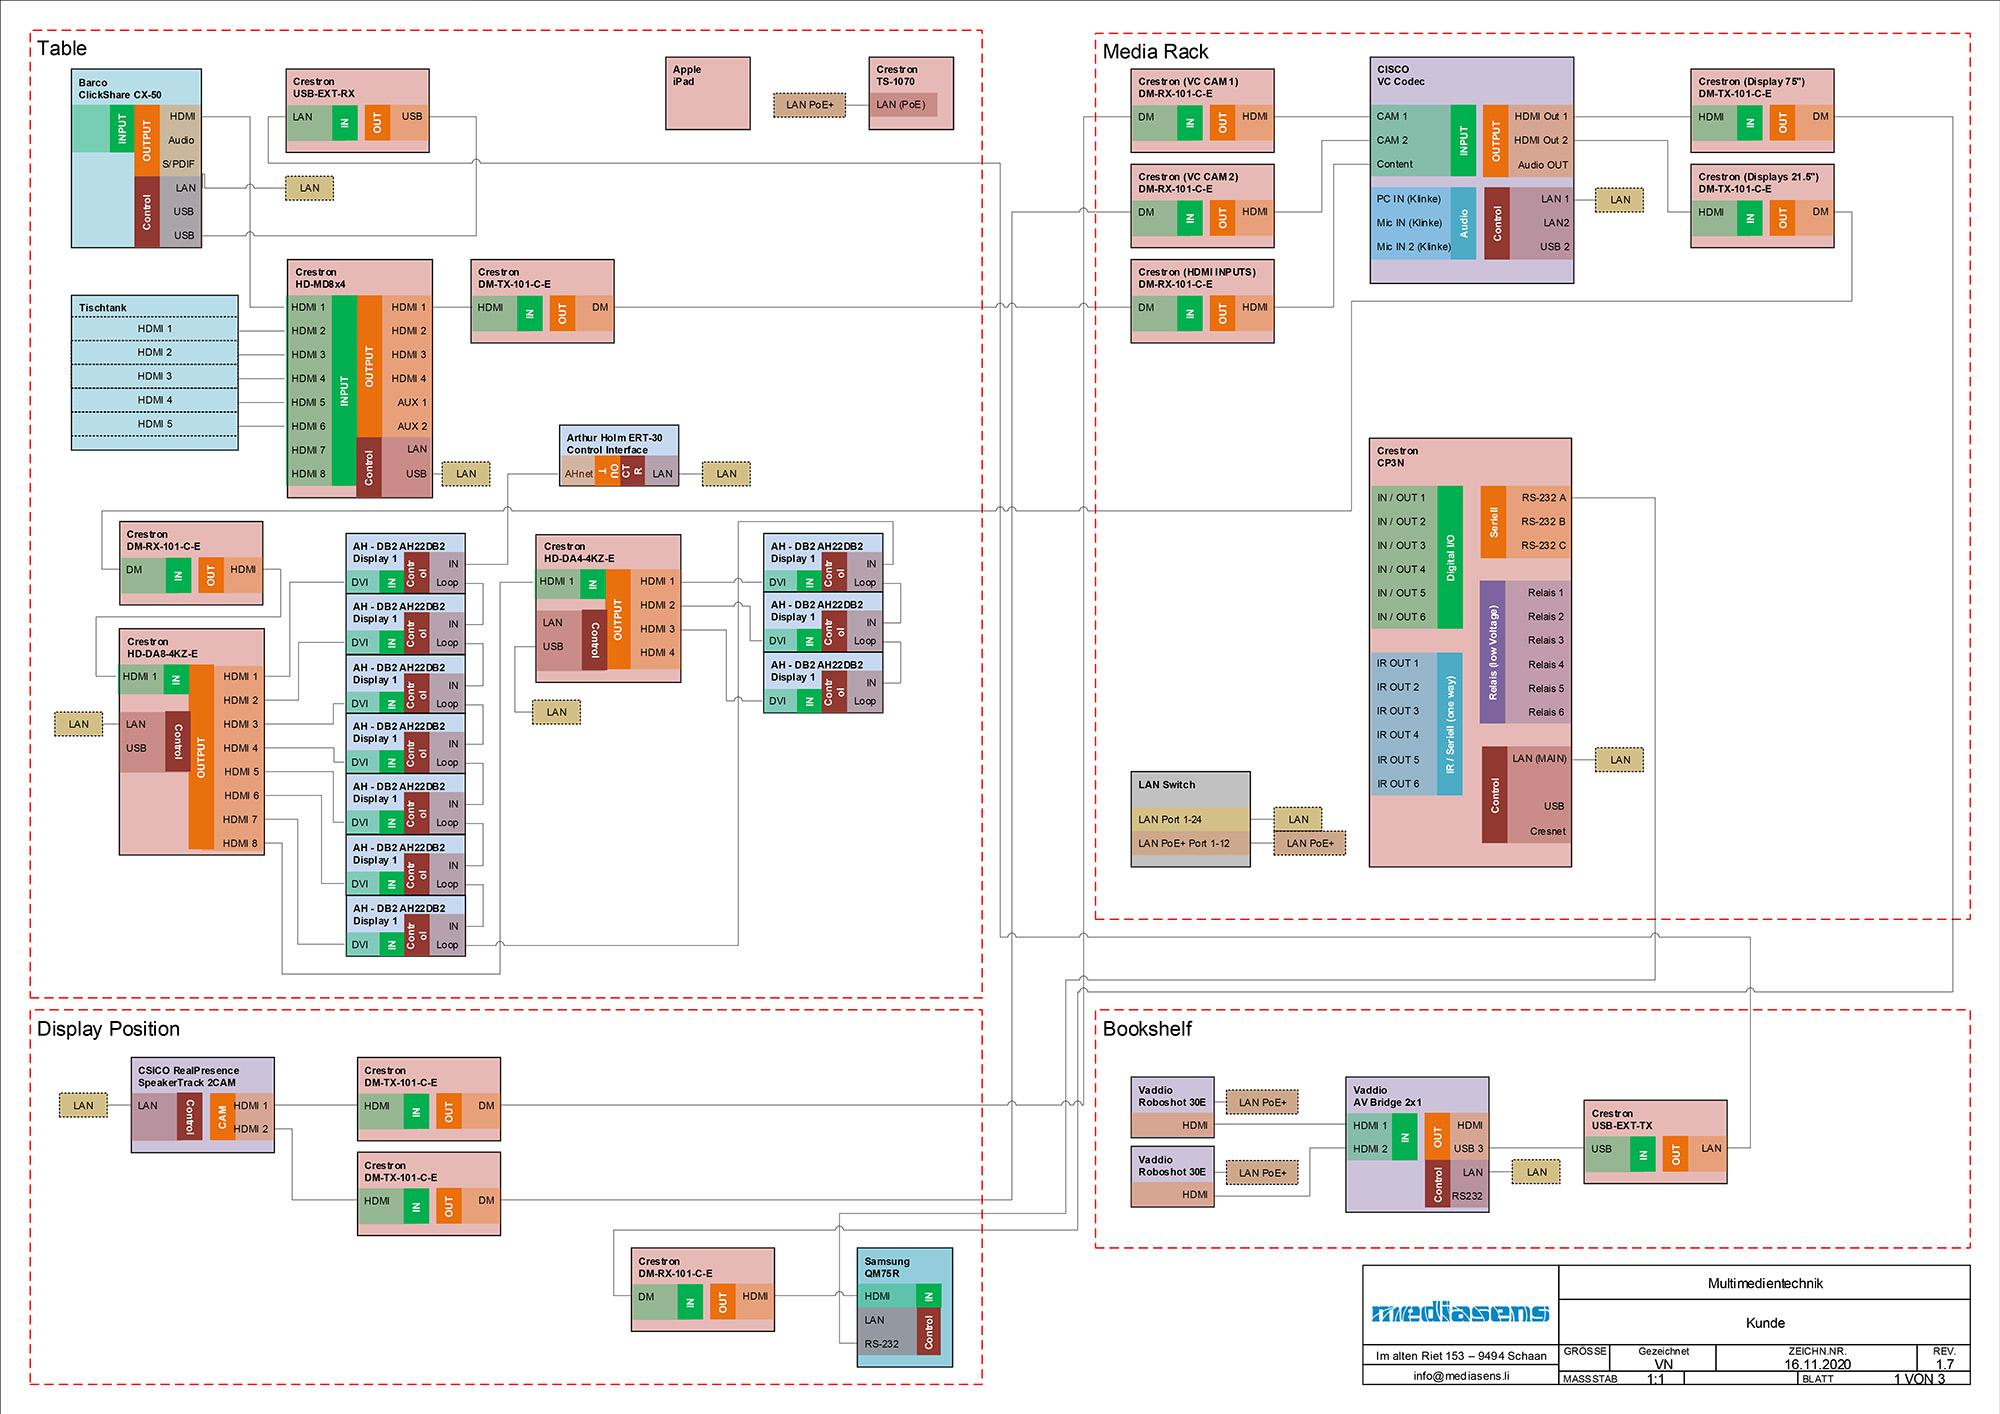 Schema Steuerungstechnik im Konferenzzimmer